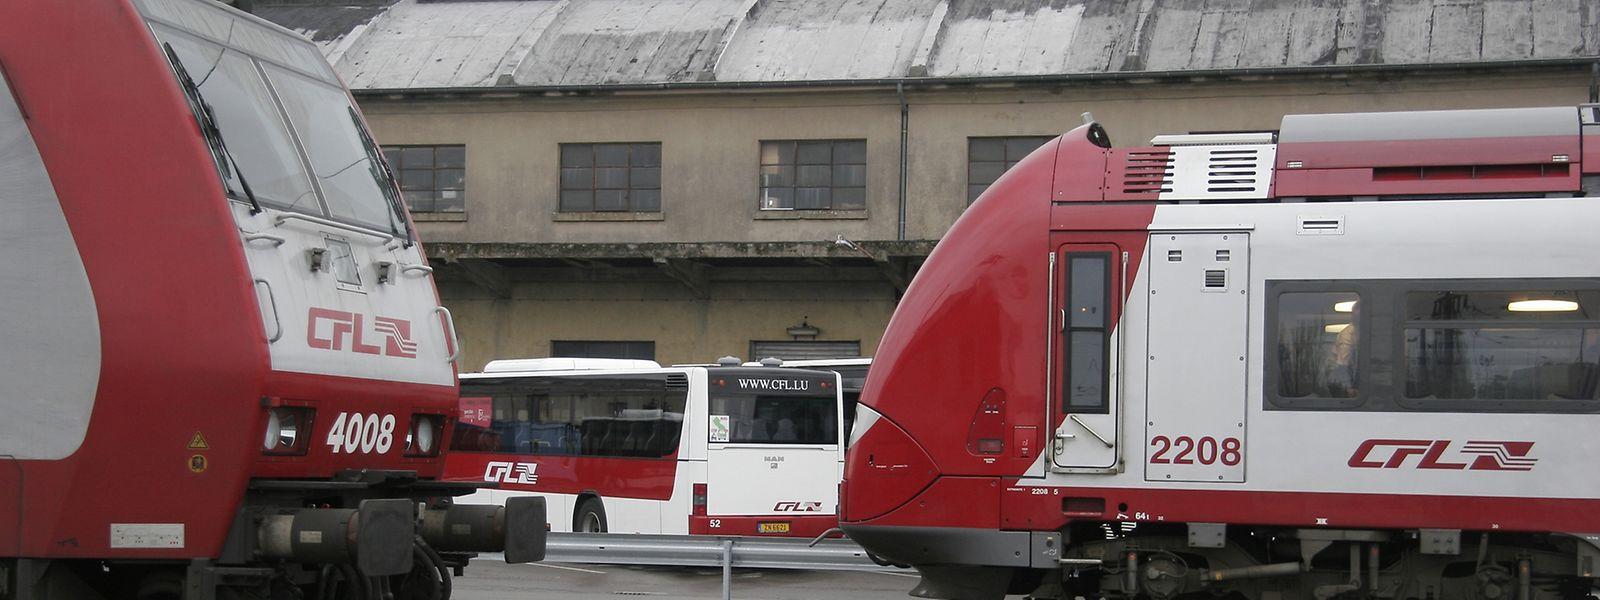 Der Zugverkehr Luxemburg-Thionville soll bald wieder normal laufen.